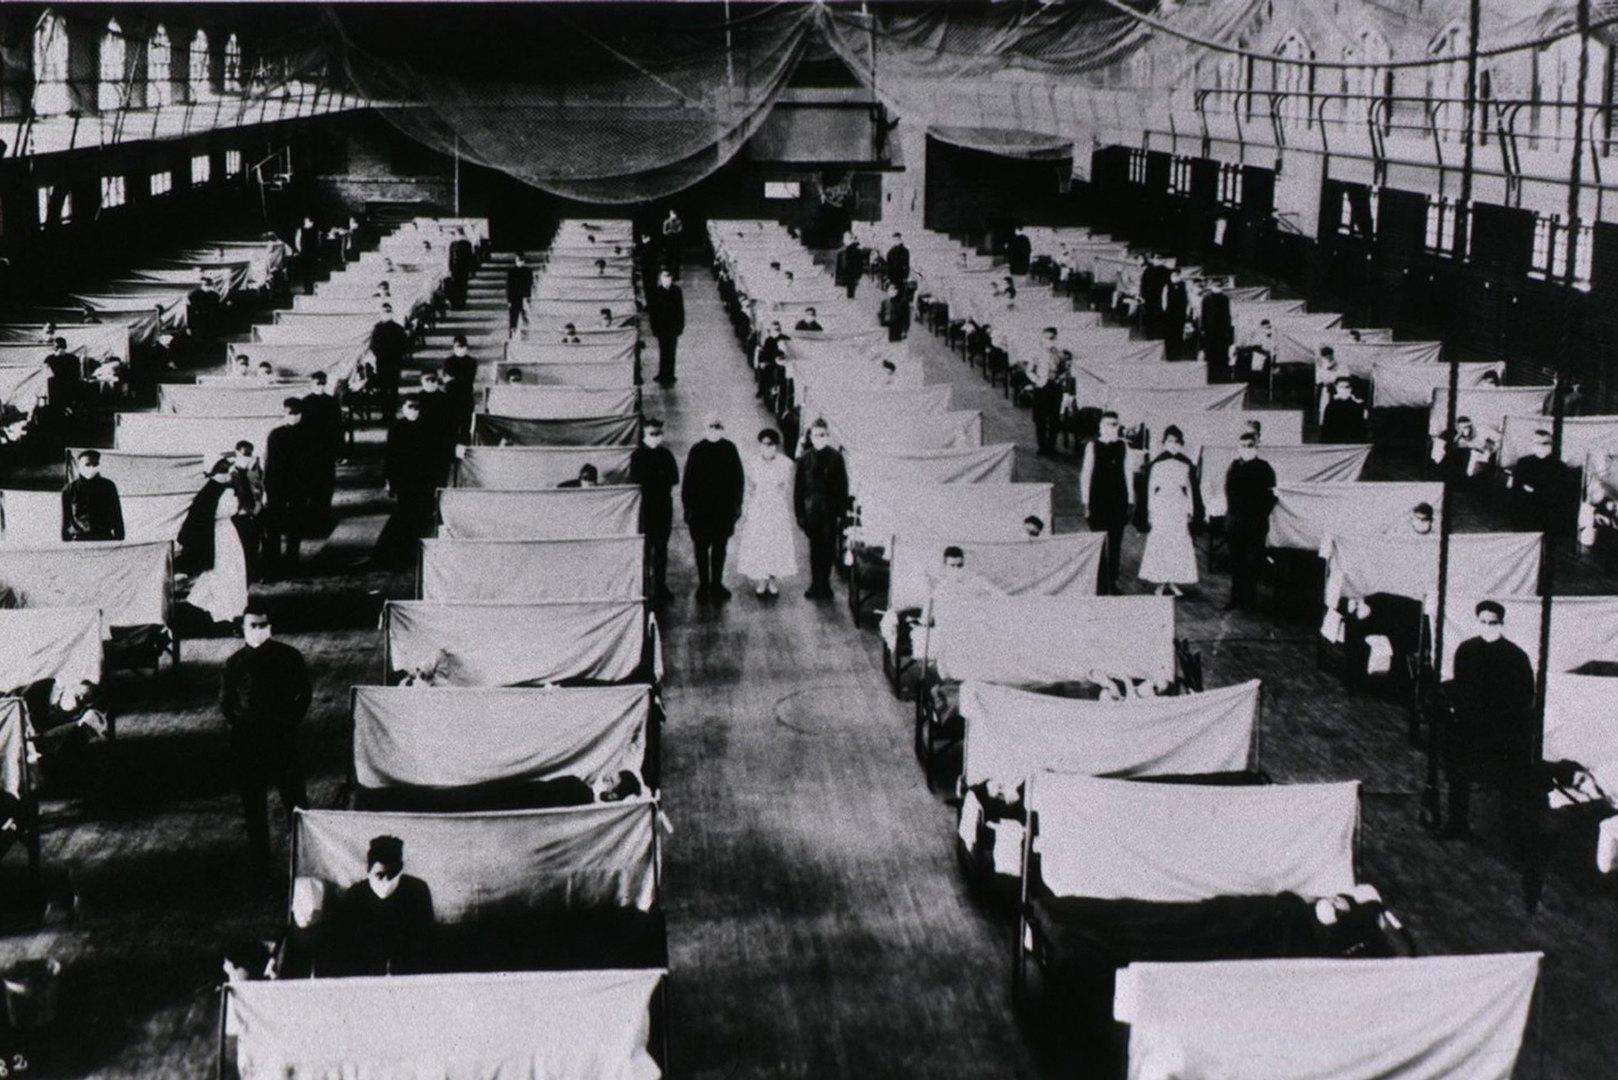 Испанский грипп — несупервирус, или почему отнего насамом деле умерло так много людей